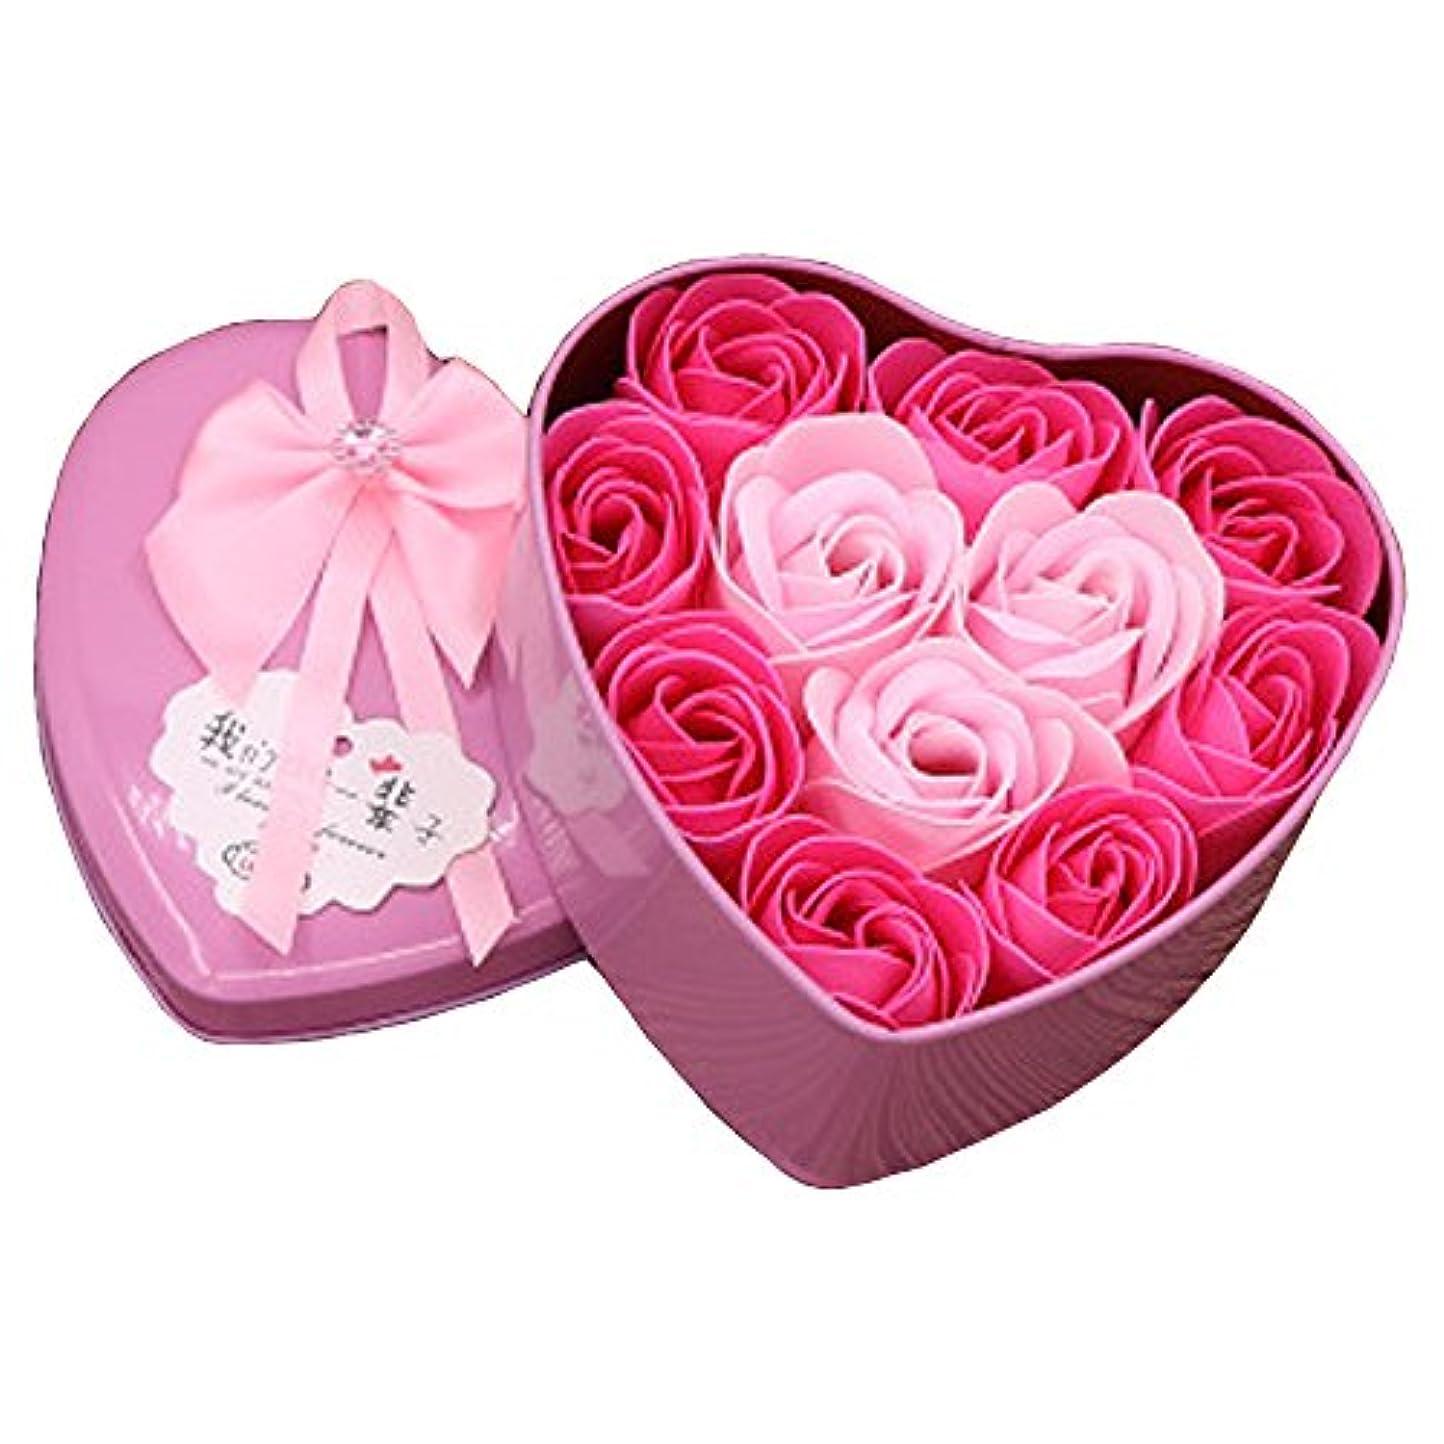 メジャーヒューバートハドソン征服iCoole ソープフラワー 石鹸花 ハードフラワー形状 ギフトボックス入り 母の日 バレンタインデー お誕生日 ギフト